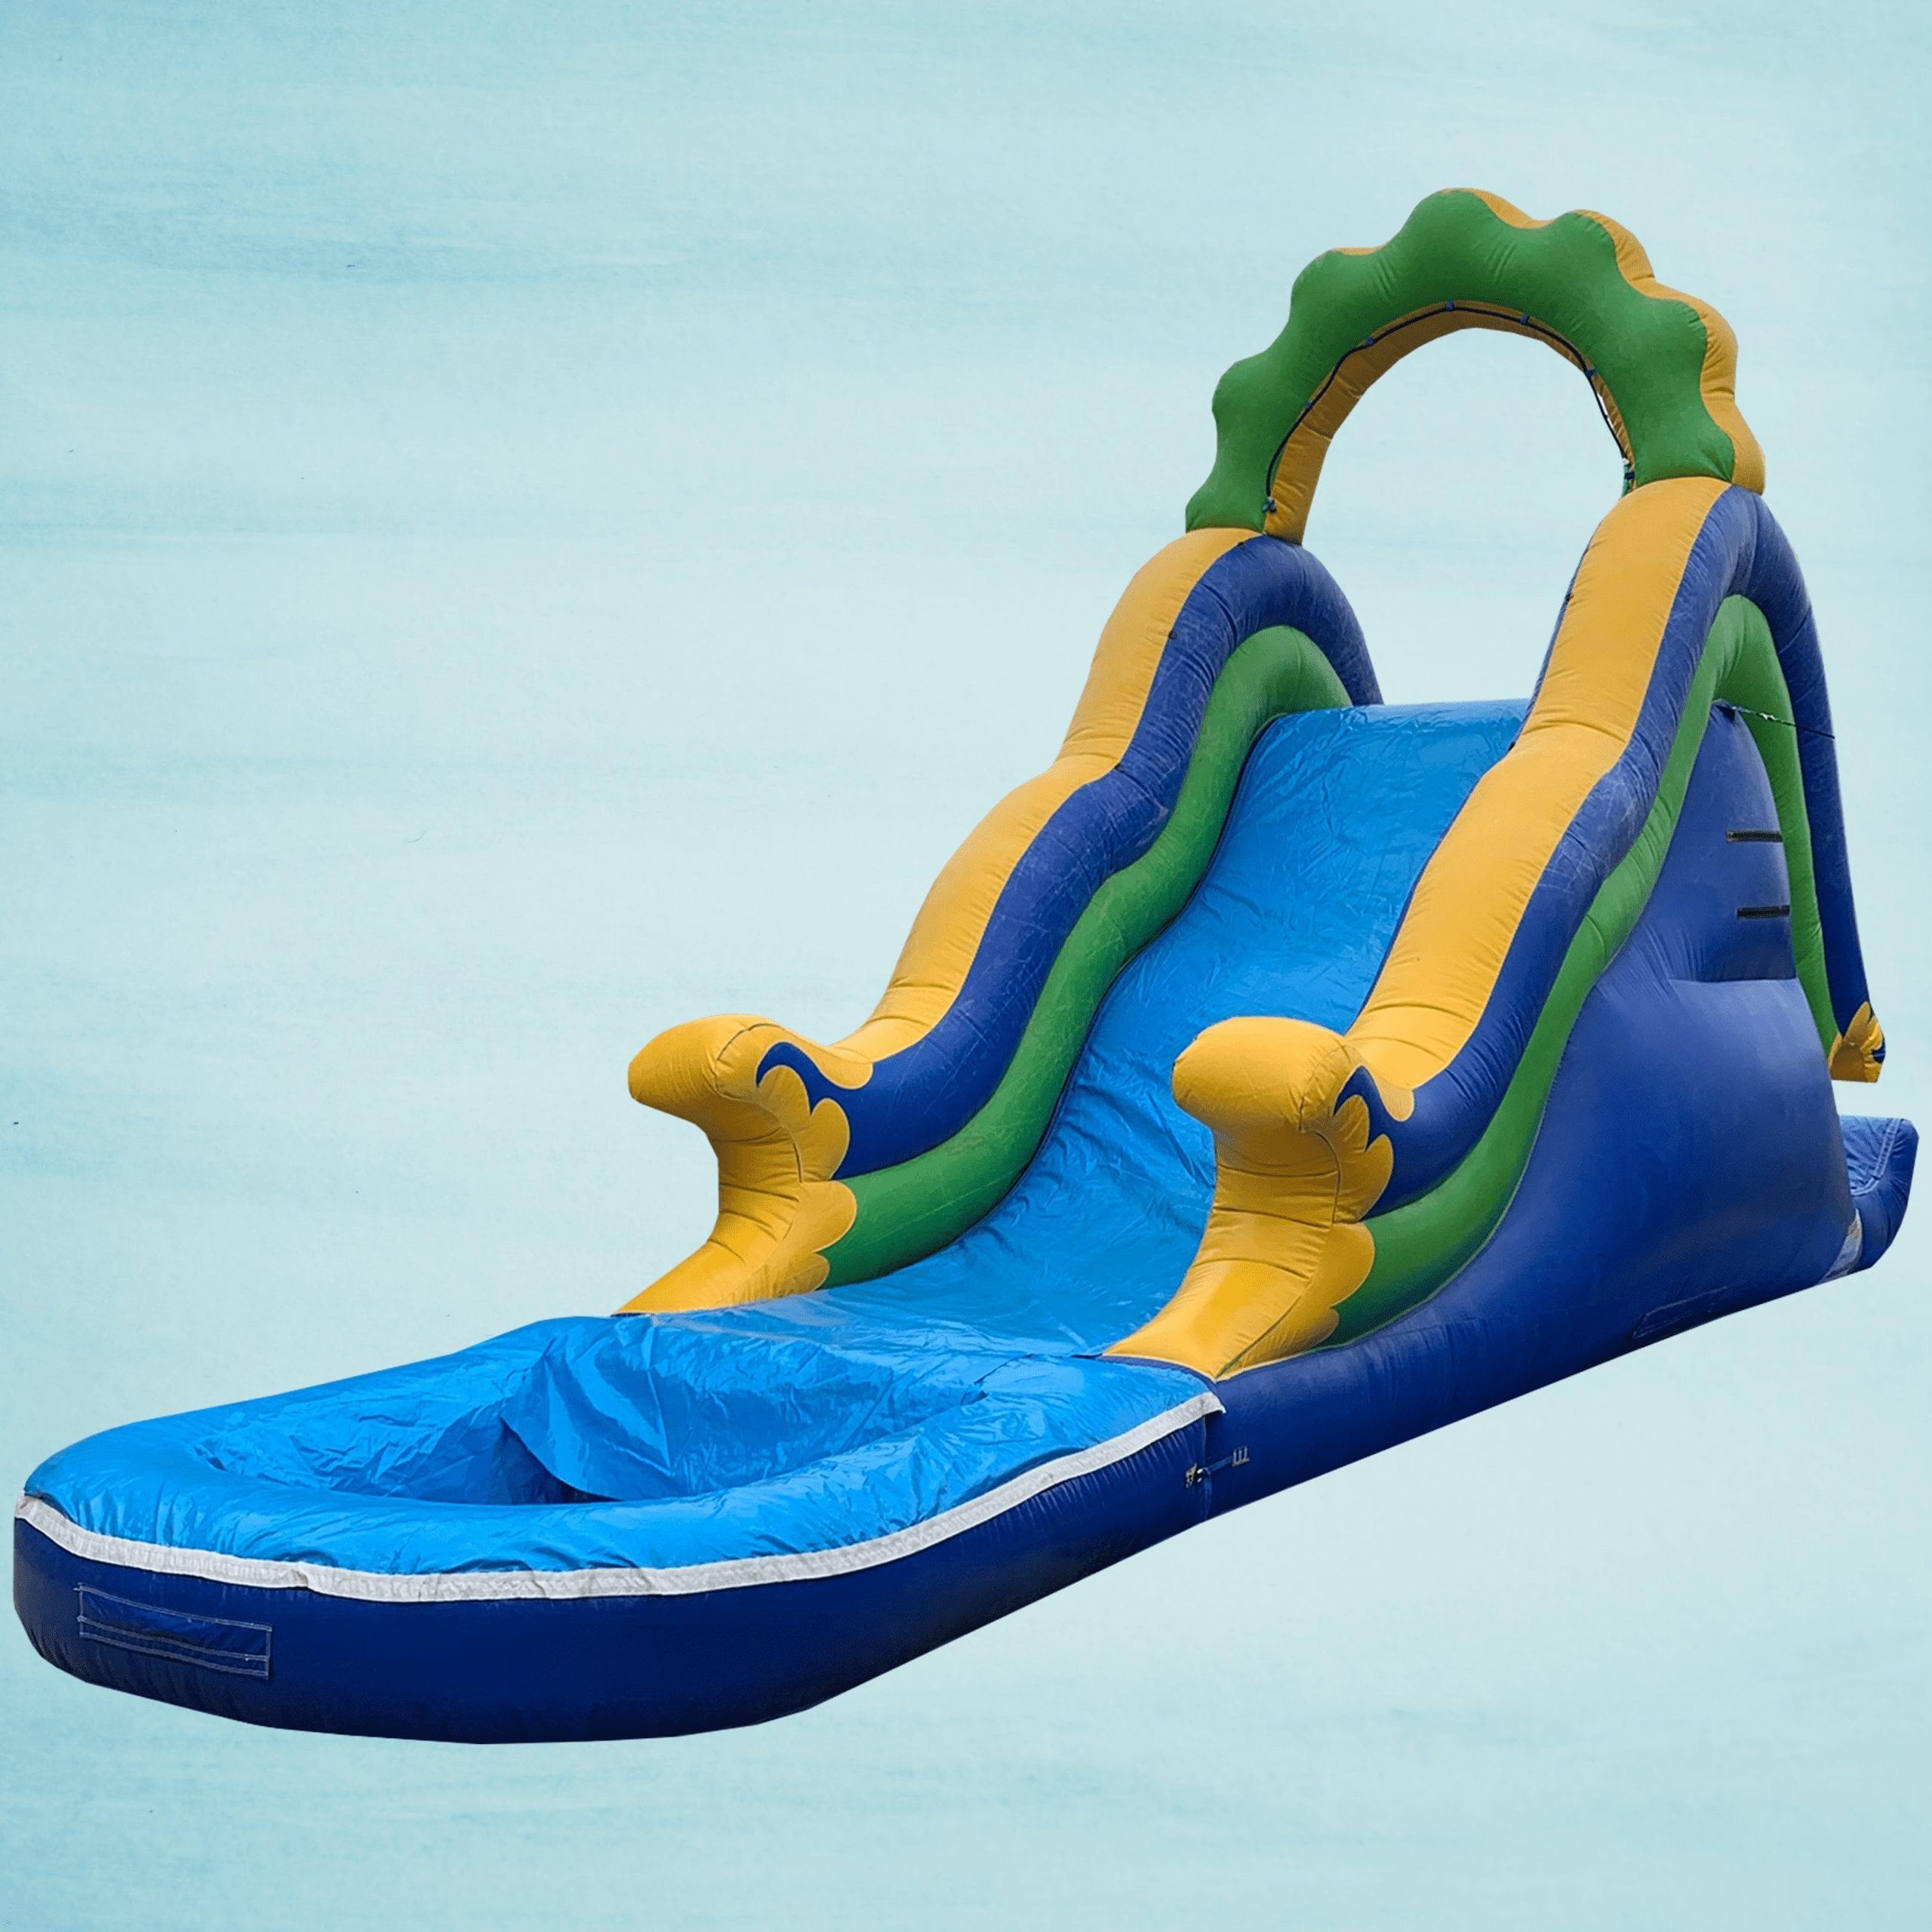 17ft Water Slide